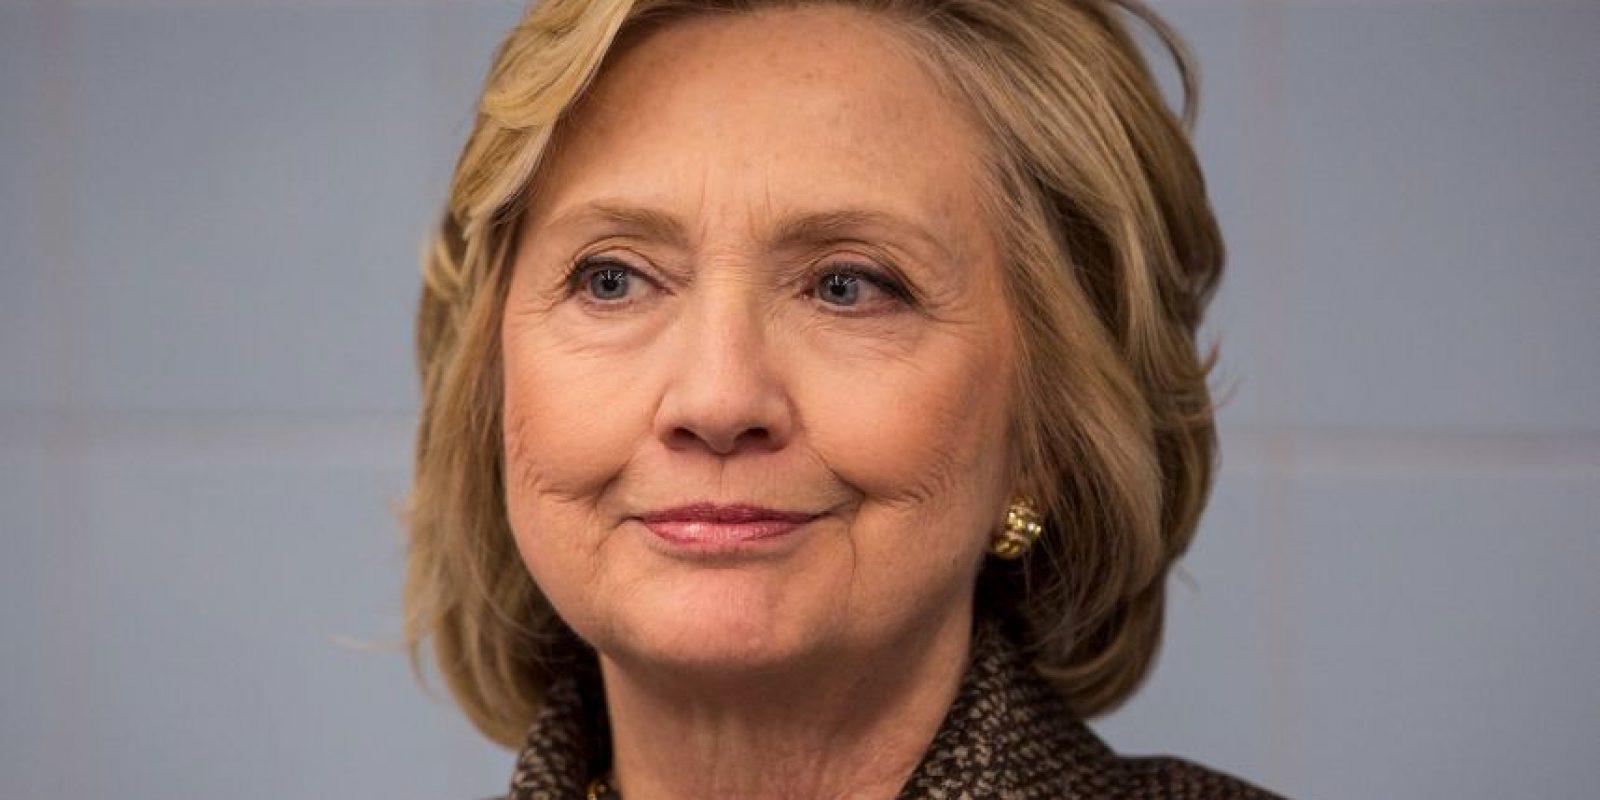 """6. Según el periódico británico """"The Guardian"""", se estima que durante le periodo de 2009 a 2012, cuando la precandidata se desempeñaba como Secretaria de Estado, su esposo, el expresidente Bill Clinton, devengó 50 millones de dólares por concepto de discursos y apariciones públicas. Foto:Getty Images"""